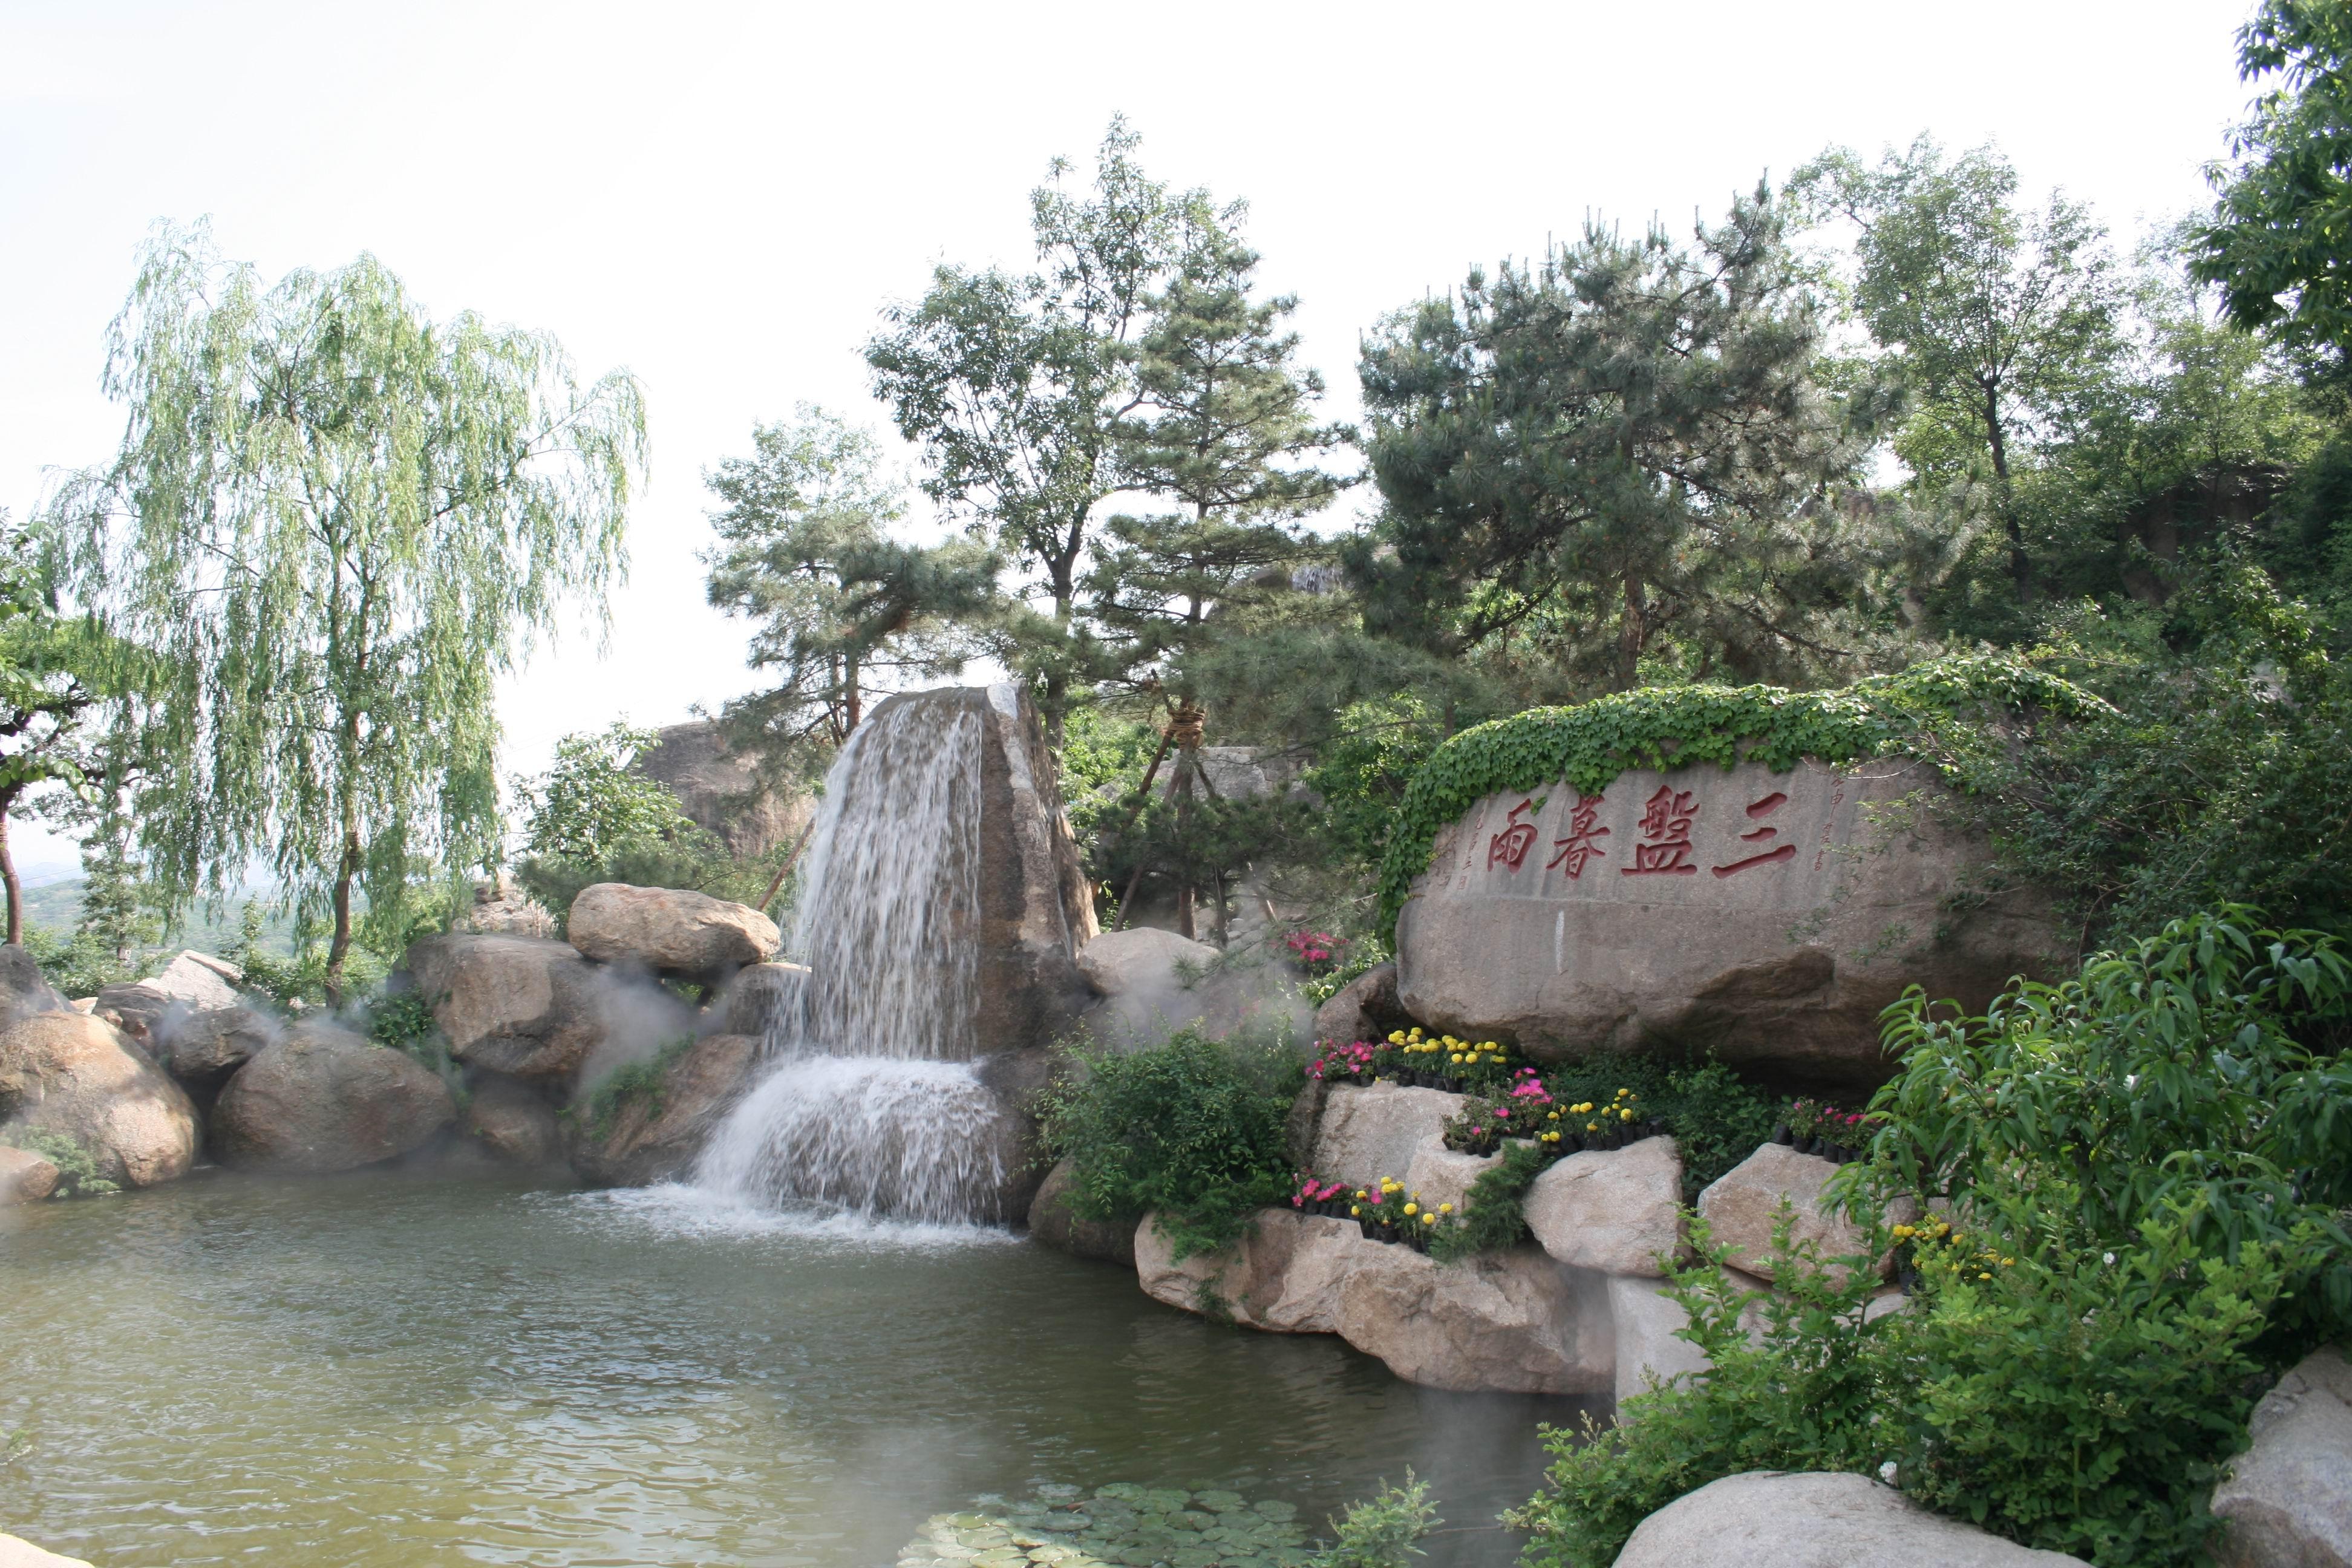 其山势雄伟,景色宜人,已辟为盘山风景区,与黄山,泰山,西湖等名胜齐名.